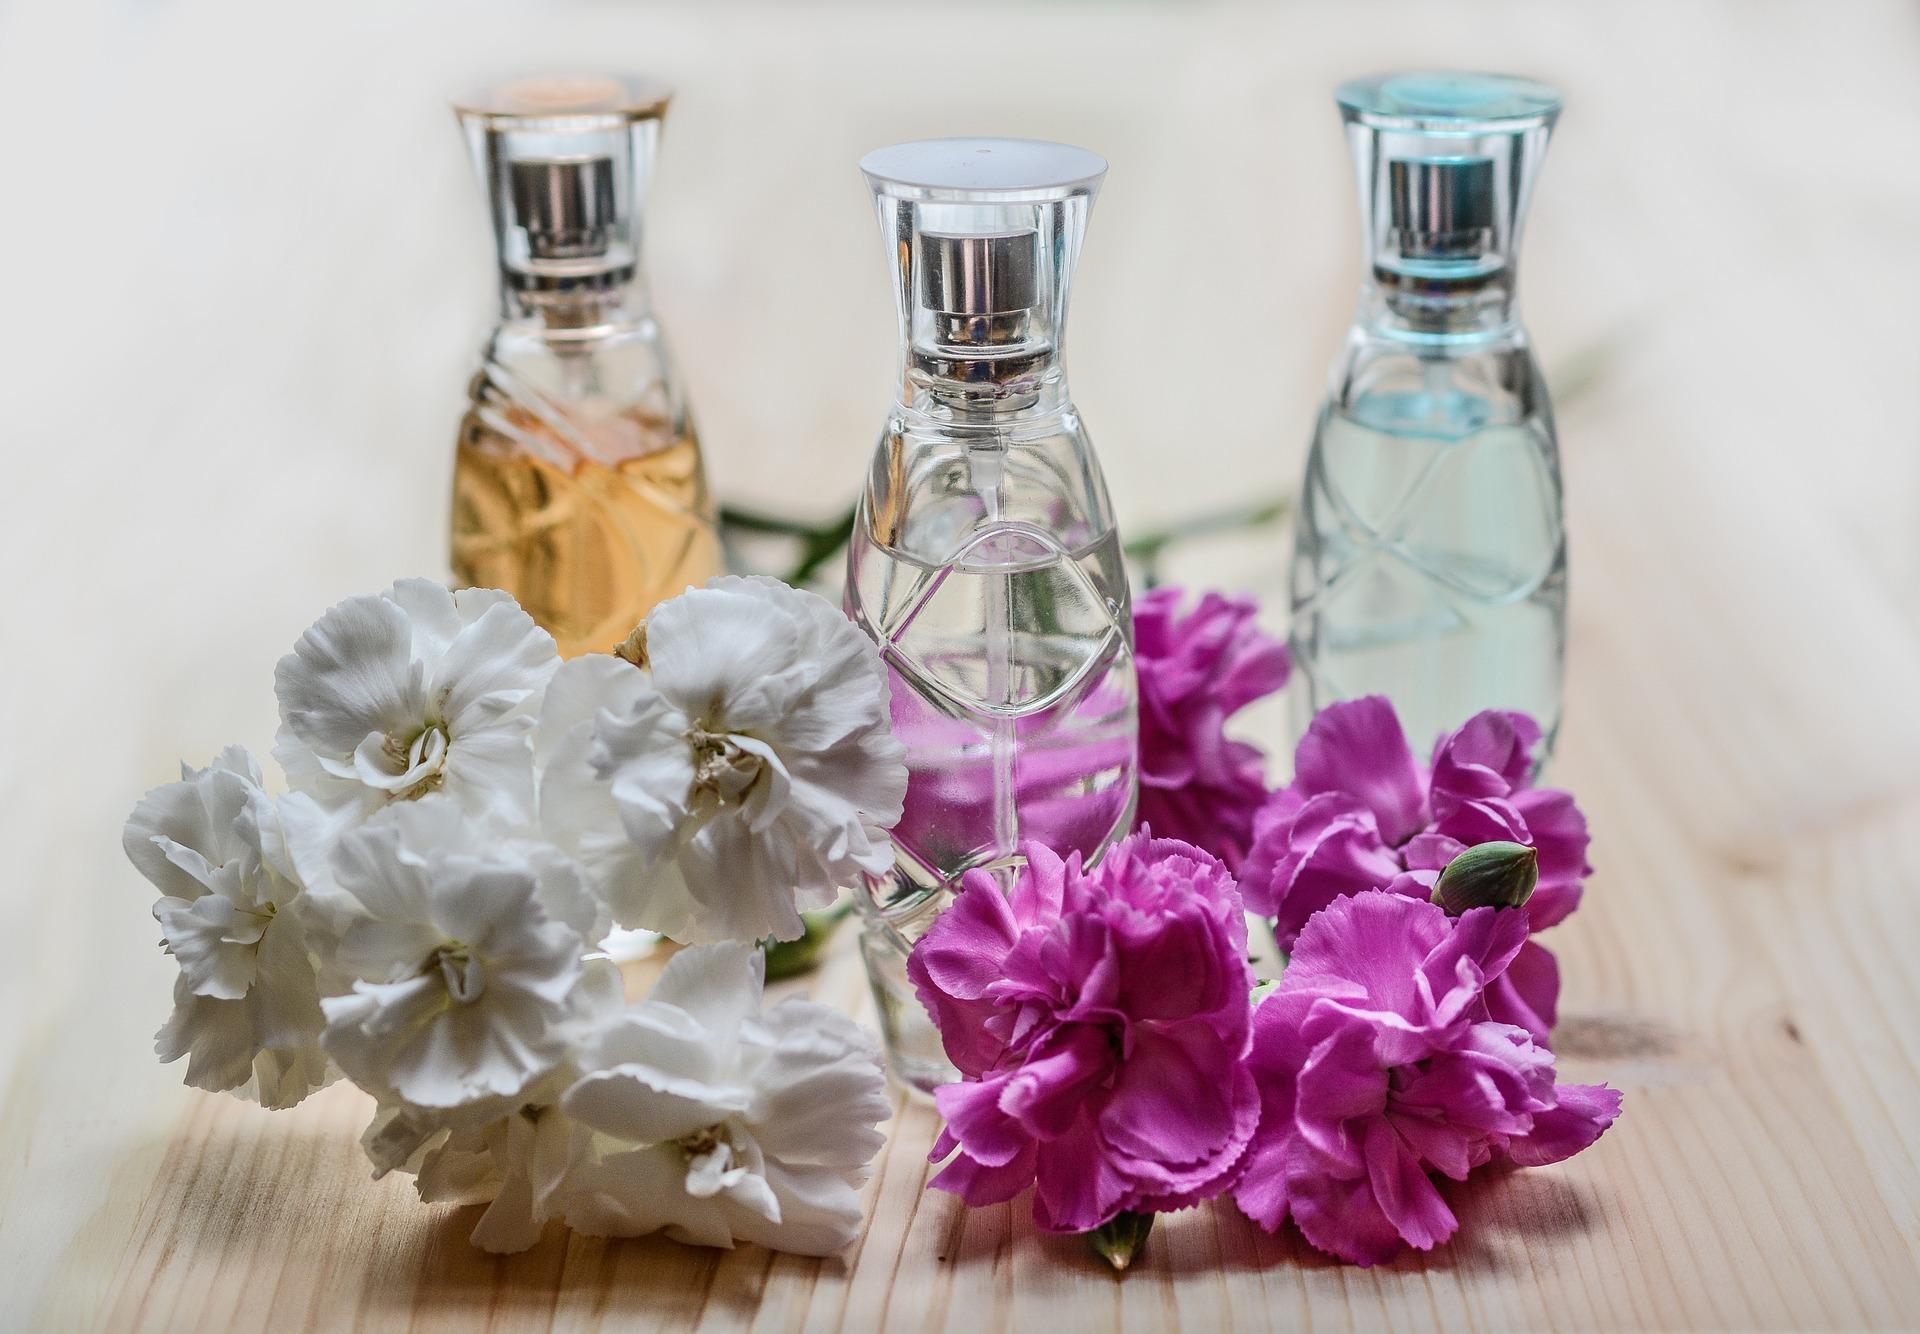 Съставките на любимите оригинални парфюми са онова, което определя изтънчения аромат